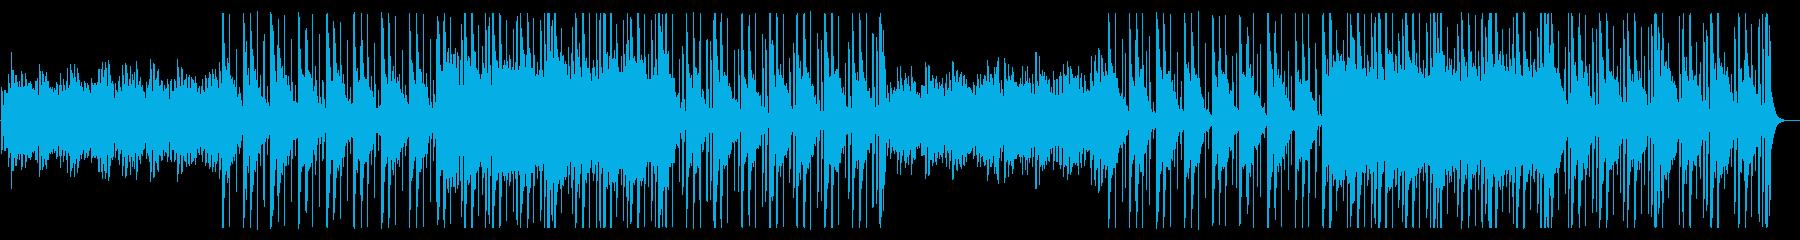 和を感じる切ないBGM_No604_1の再生済みの波形